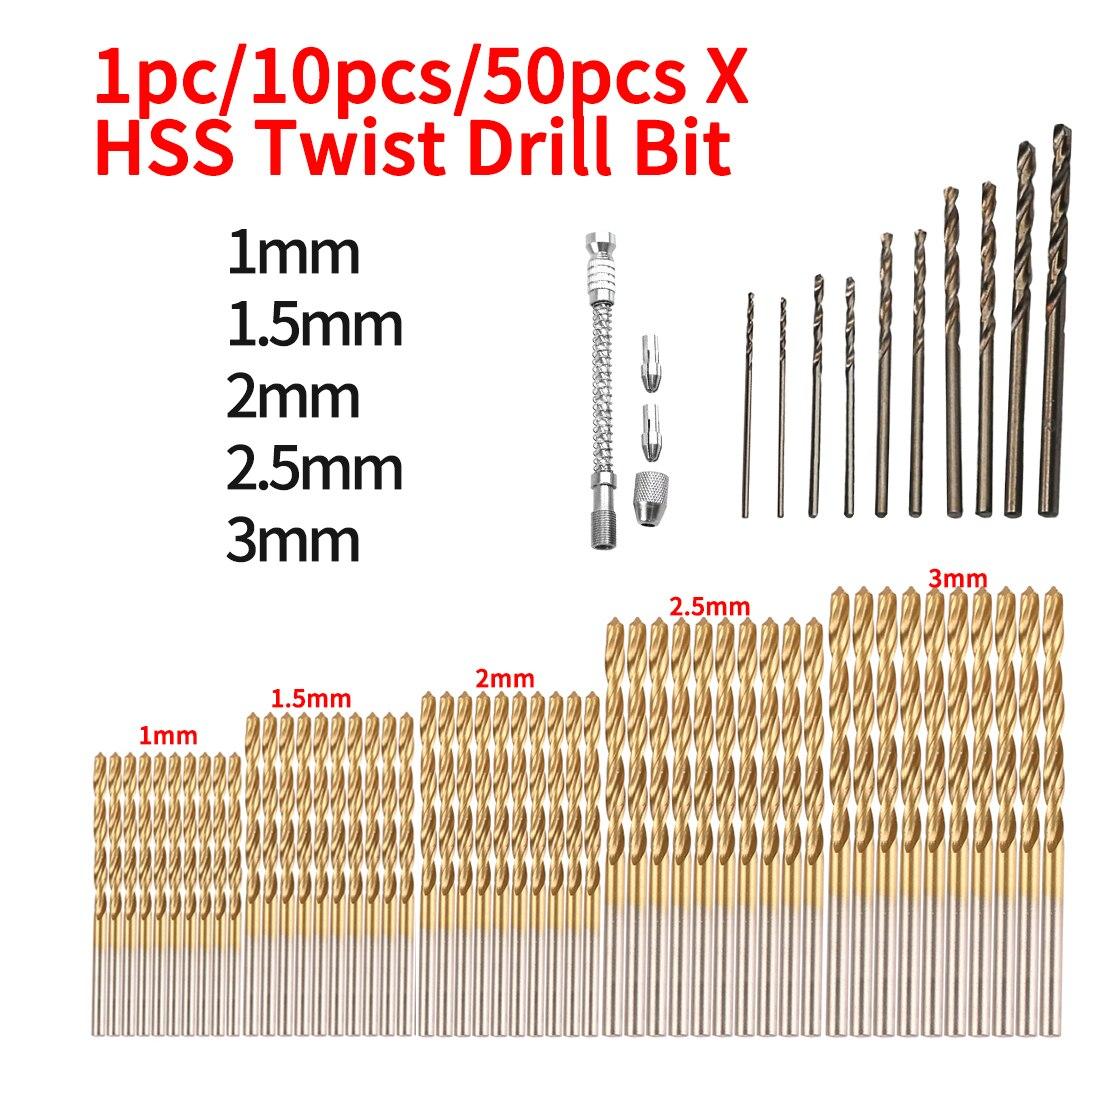 1mm 1.5mm 2mm 2.5mm 3mm HSS High Speed Steel Twist Drill Bit Set Tool For Wood / Metal/ Aluminum 1pc/10pcs/50pcs